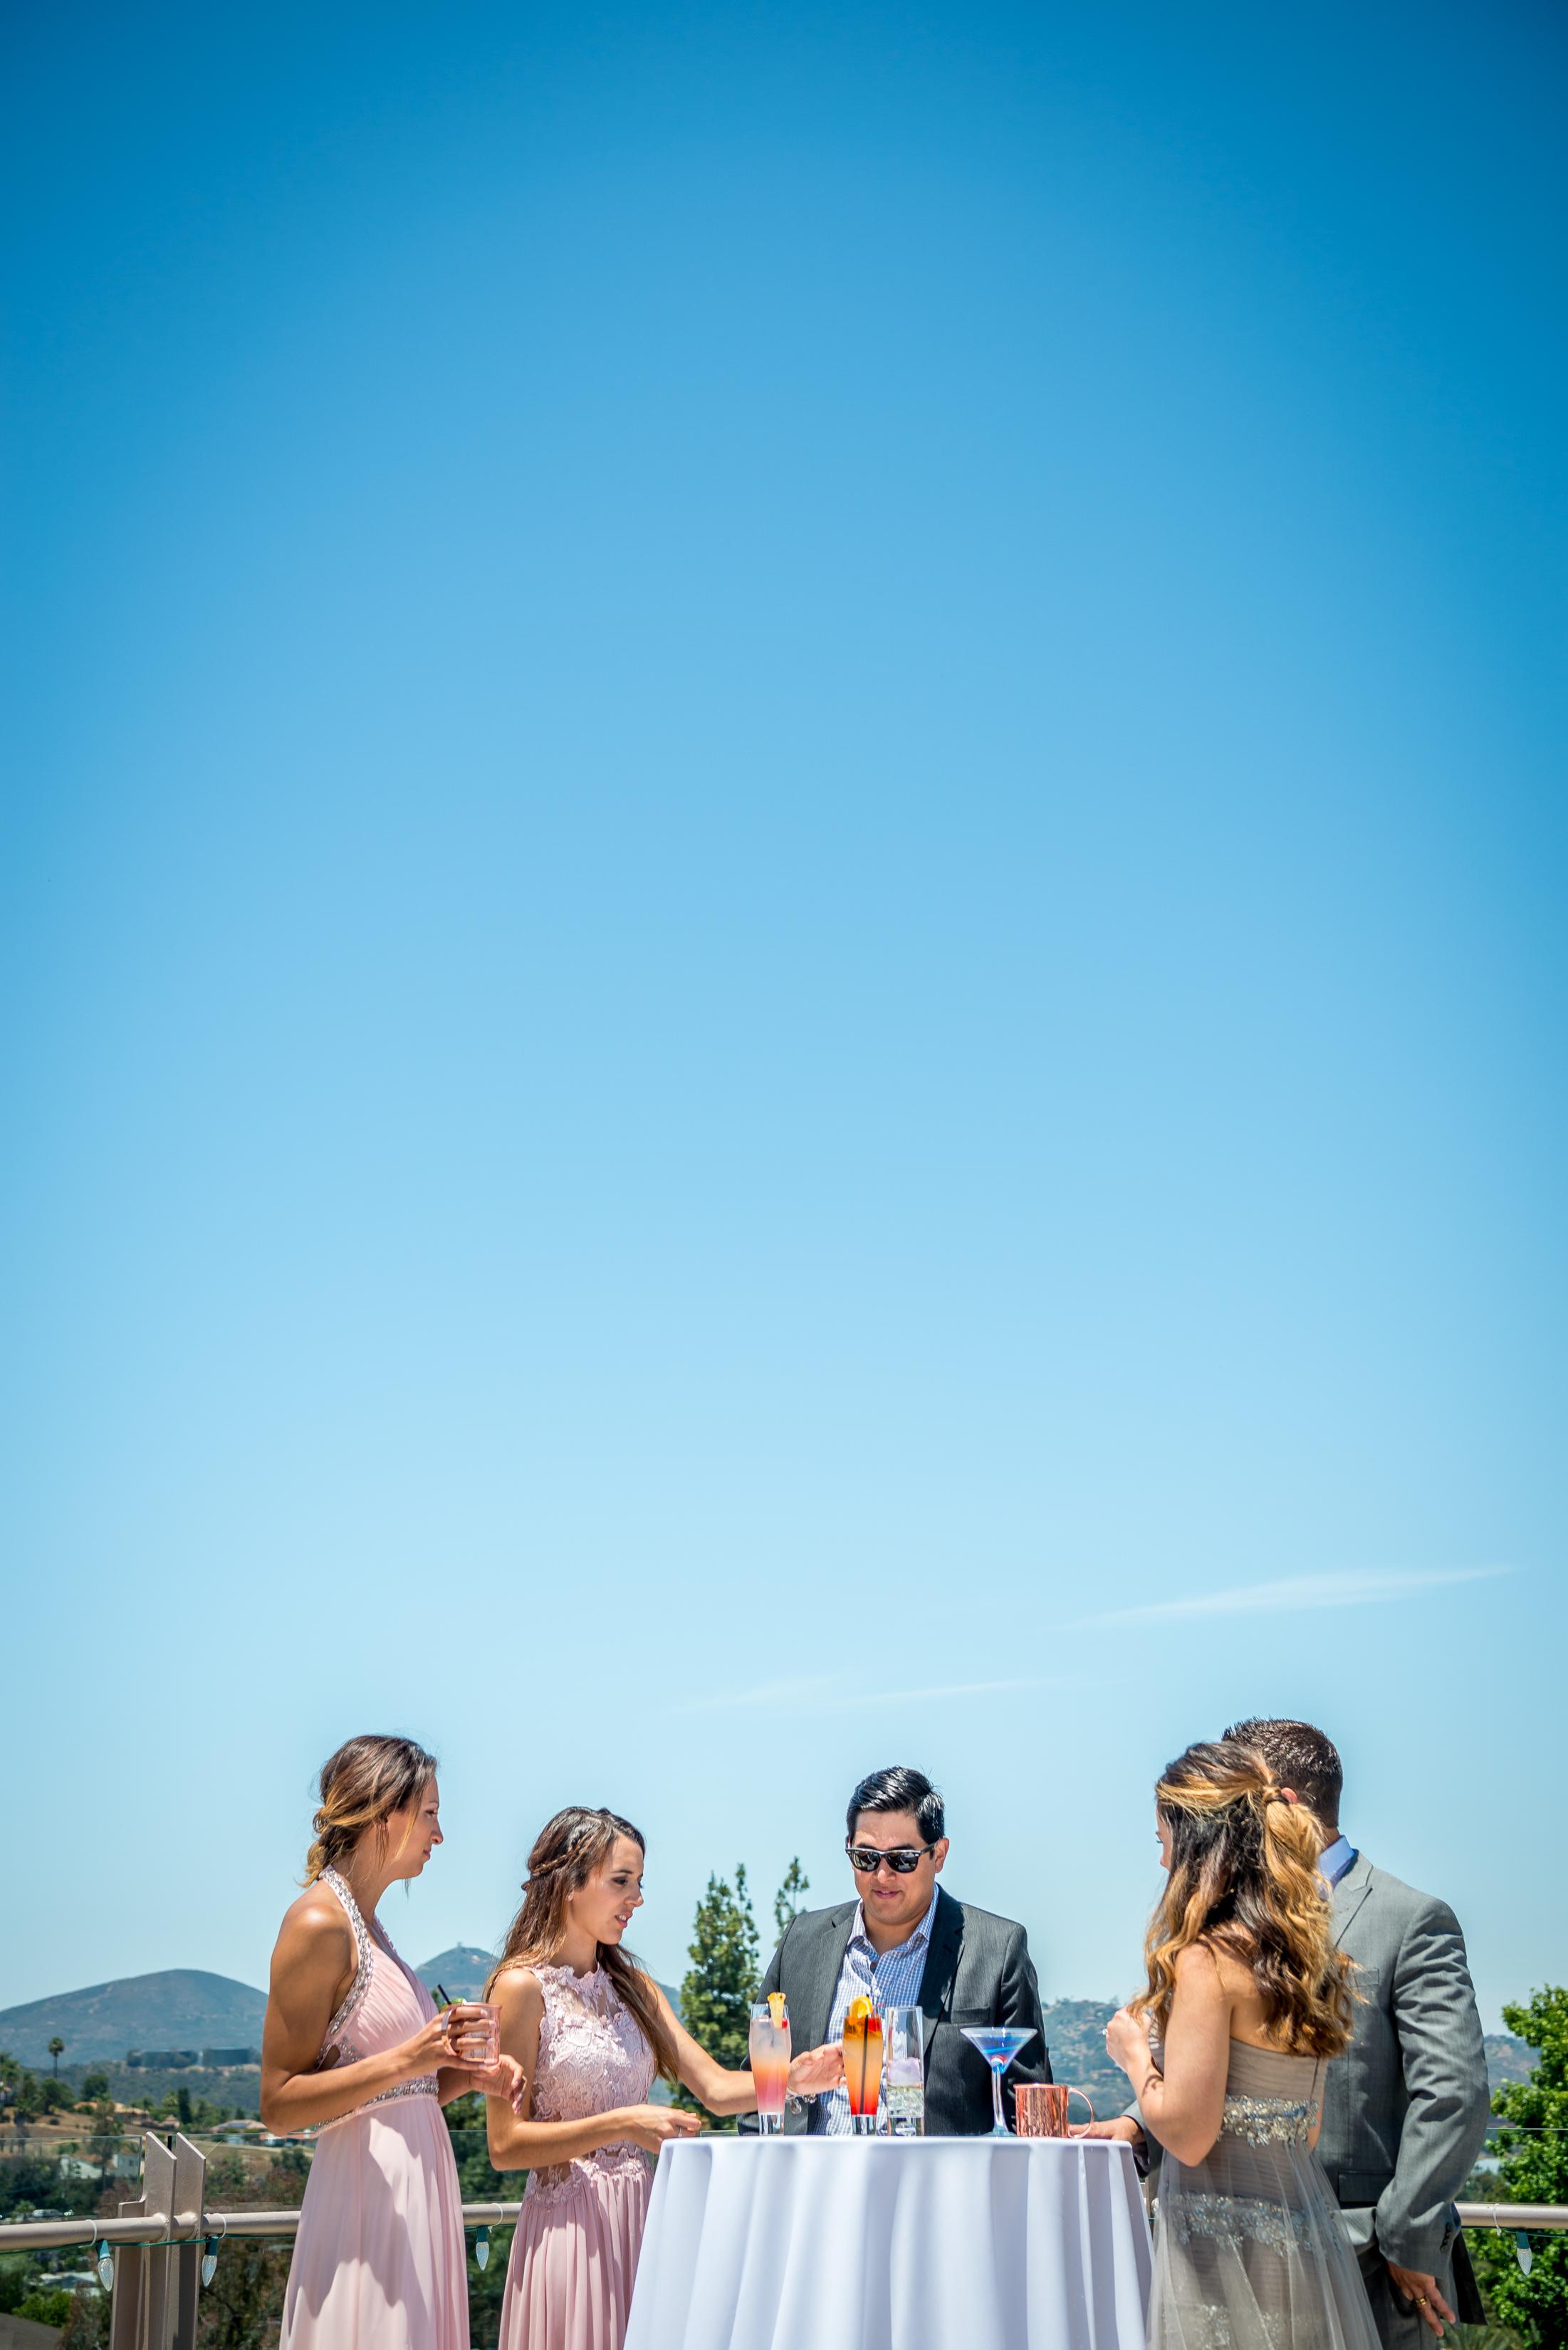 The_Centre_Escondido_Weddings_Emry_Photography_0225.jpg